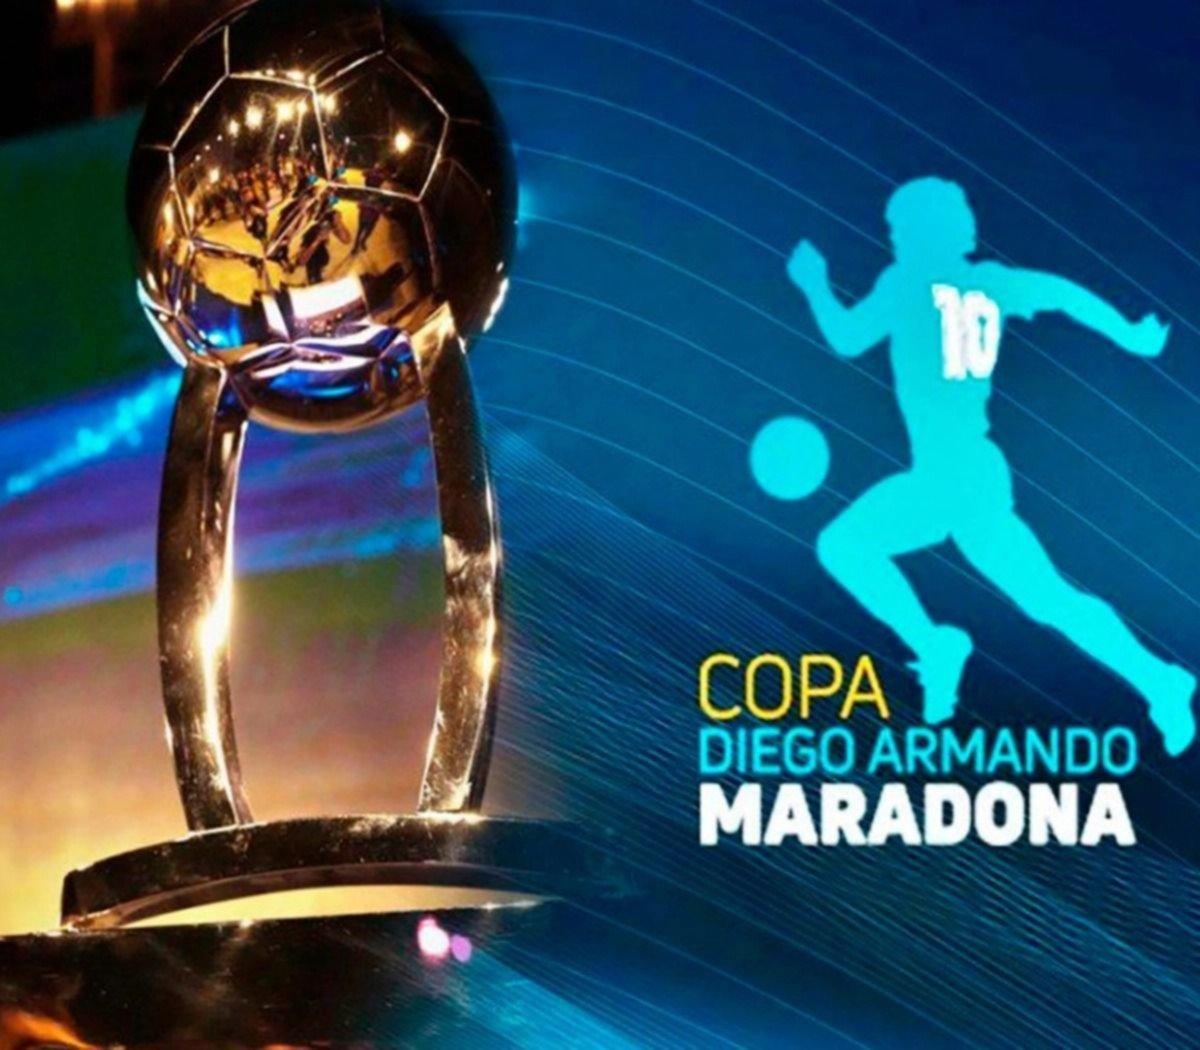 Pedido para que la Copa América se llame Diego Maradona: quién lo propuso